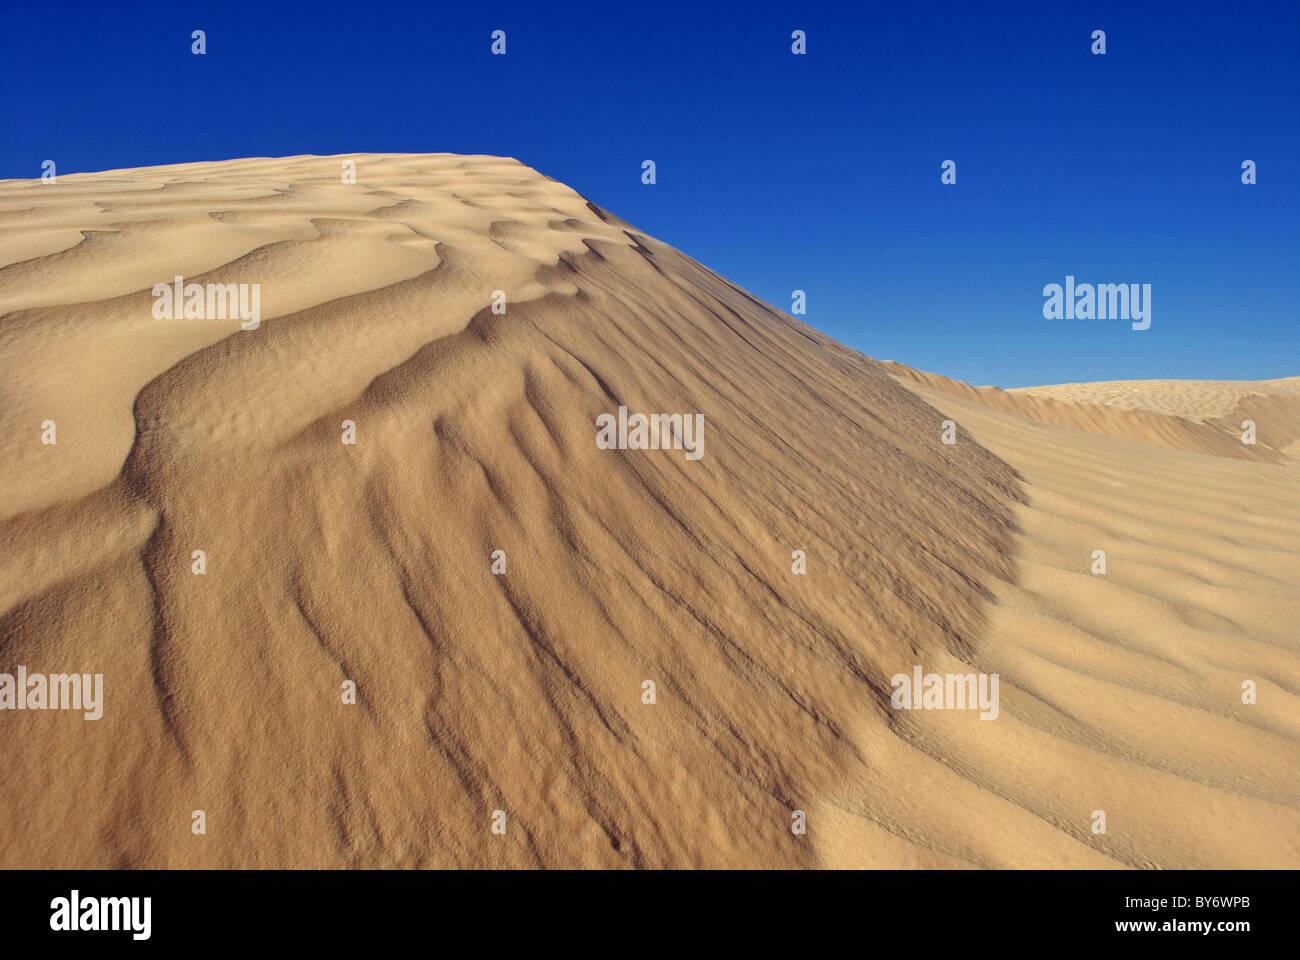 Dunes de sable dans le désert du Sahara (Grand Erg Oriental) près de Douz, Tunisie Photo Stock